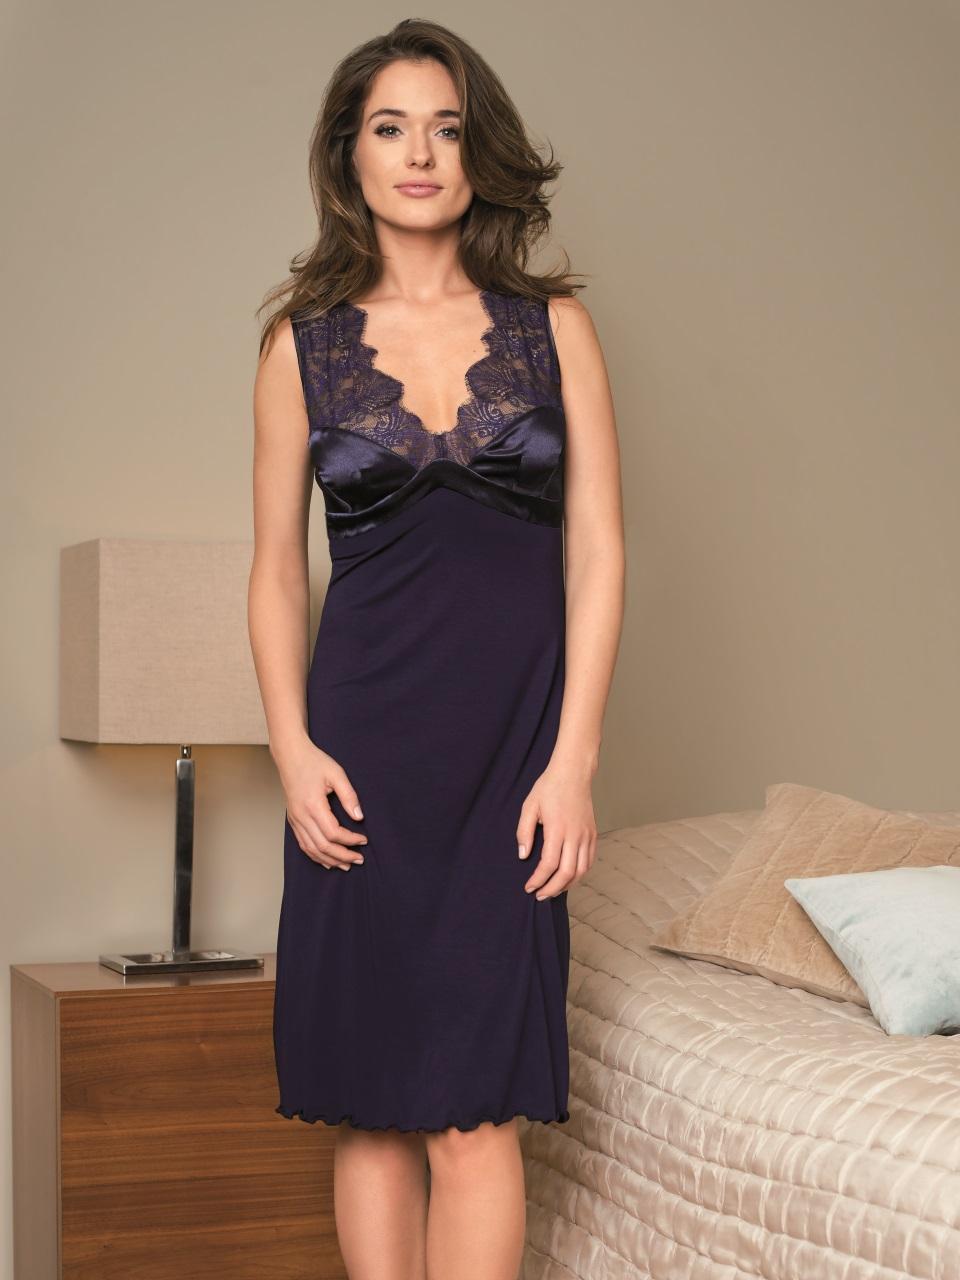 Lauren 3044 Camicia da notte<br />02 Black, 03 Navy Blue, 57 Aqua